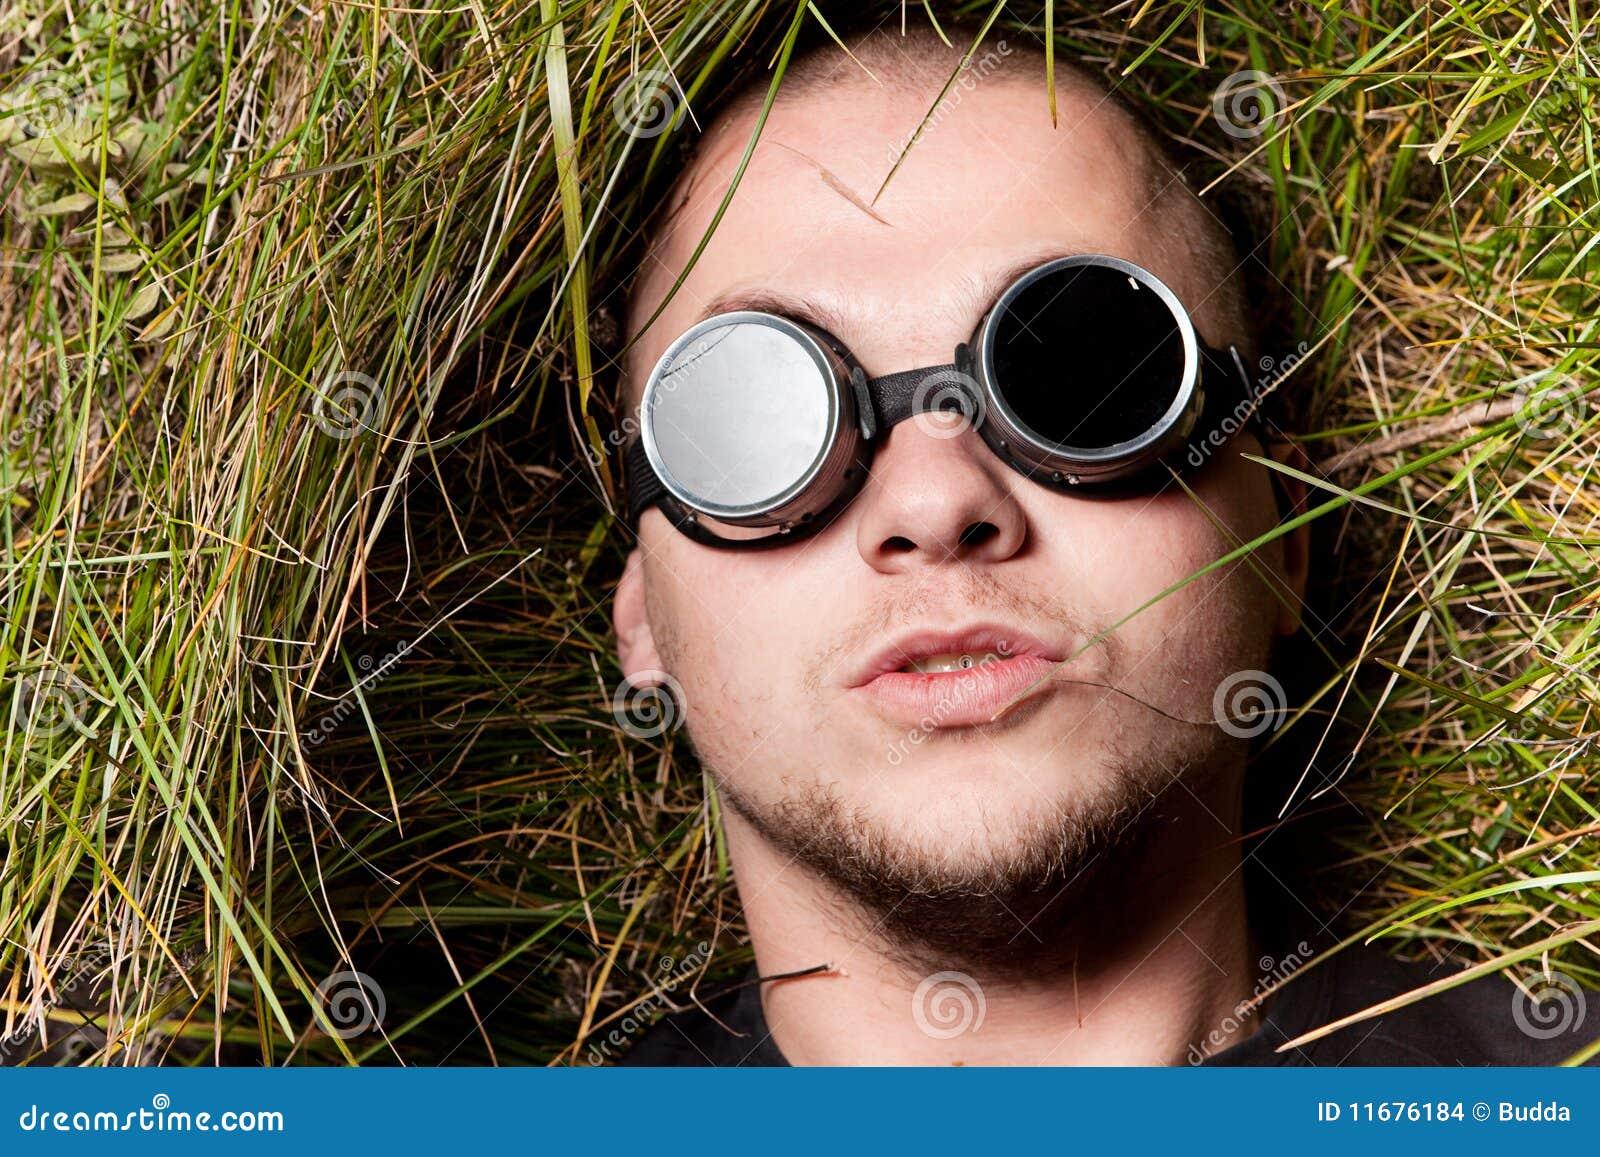 Equipe-lhe o olhar fixo através dos vidros, pense-o sobre ele